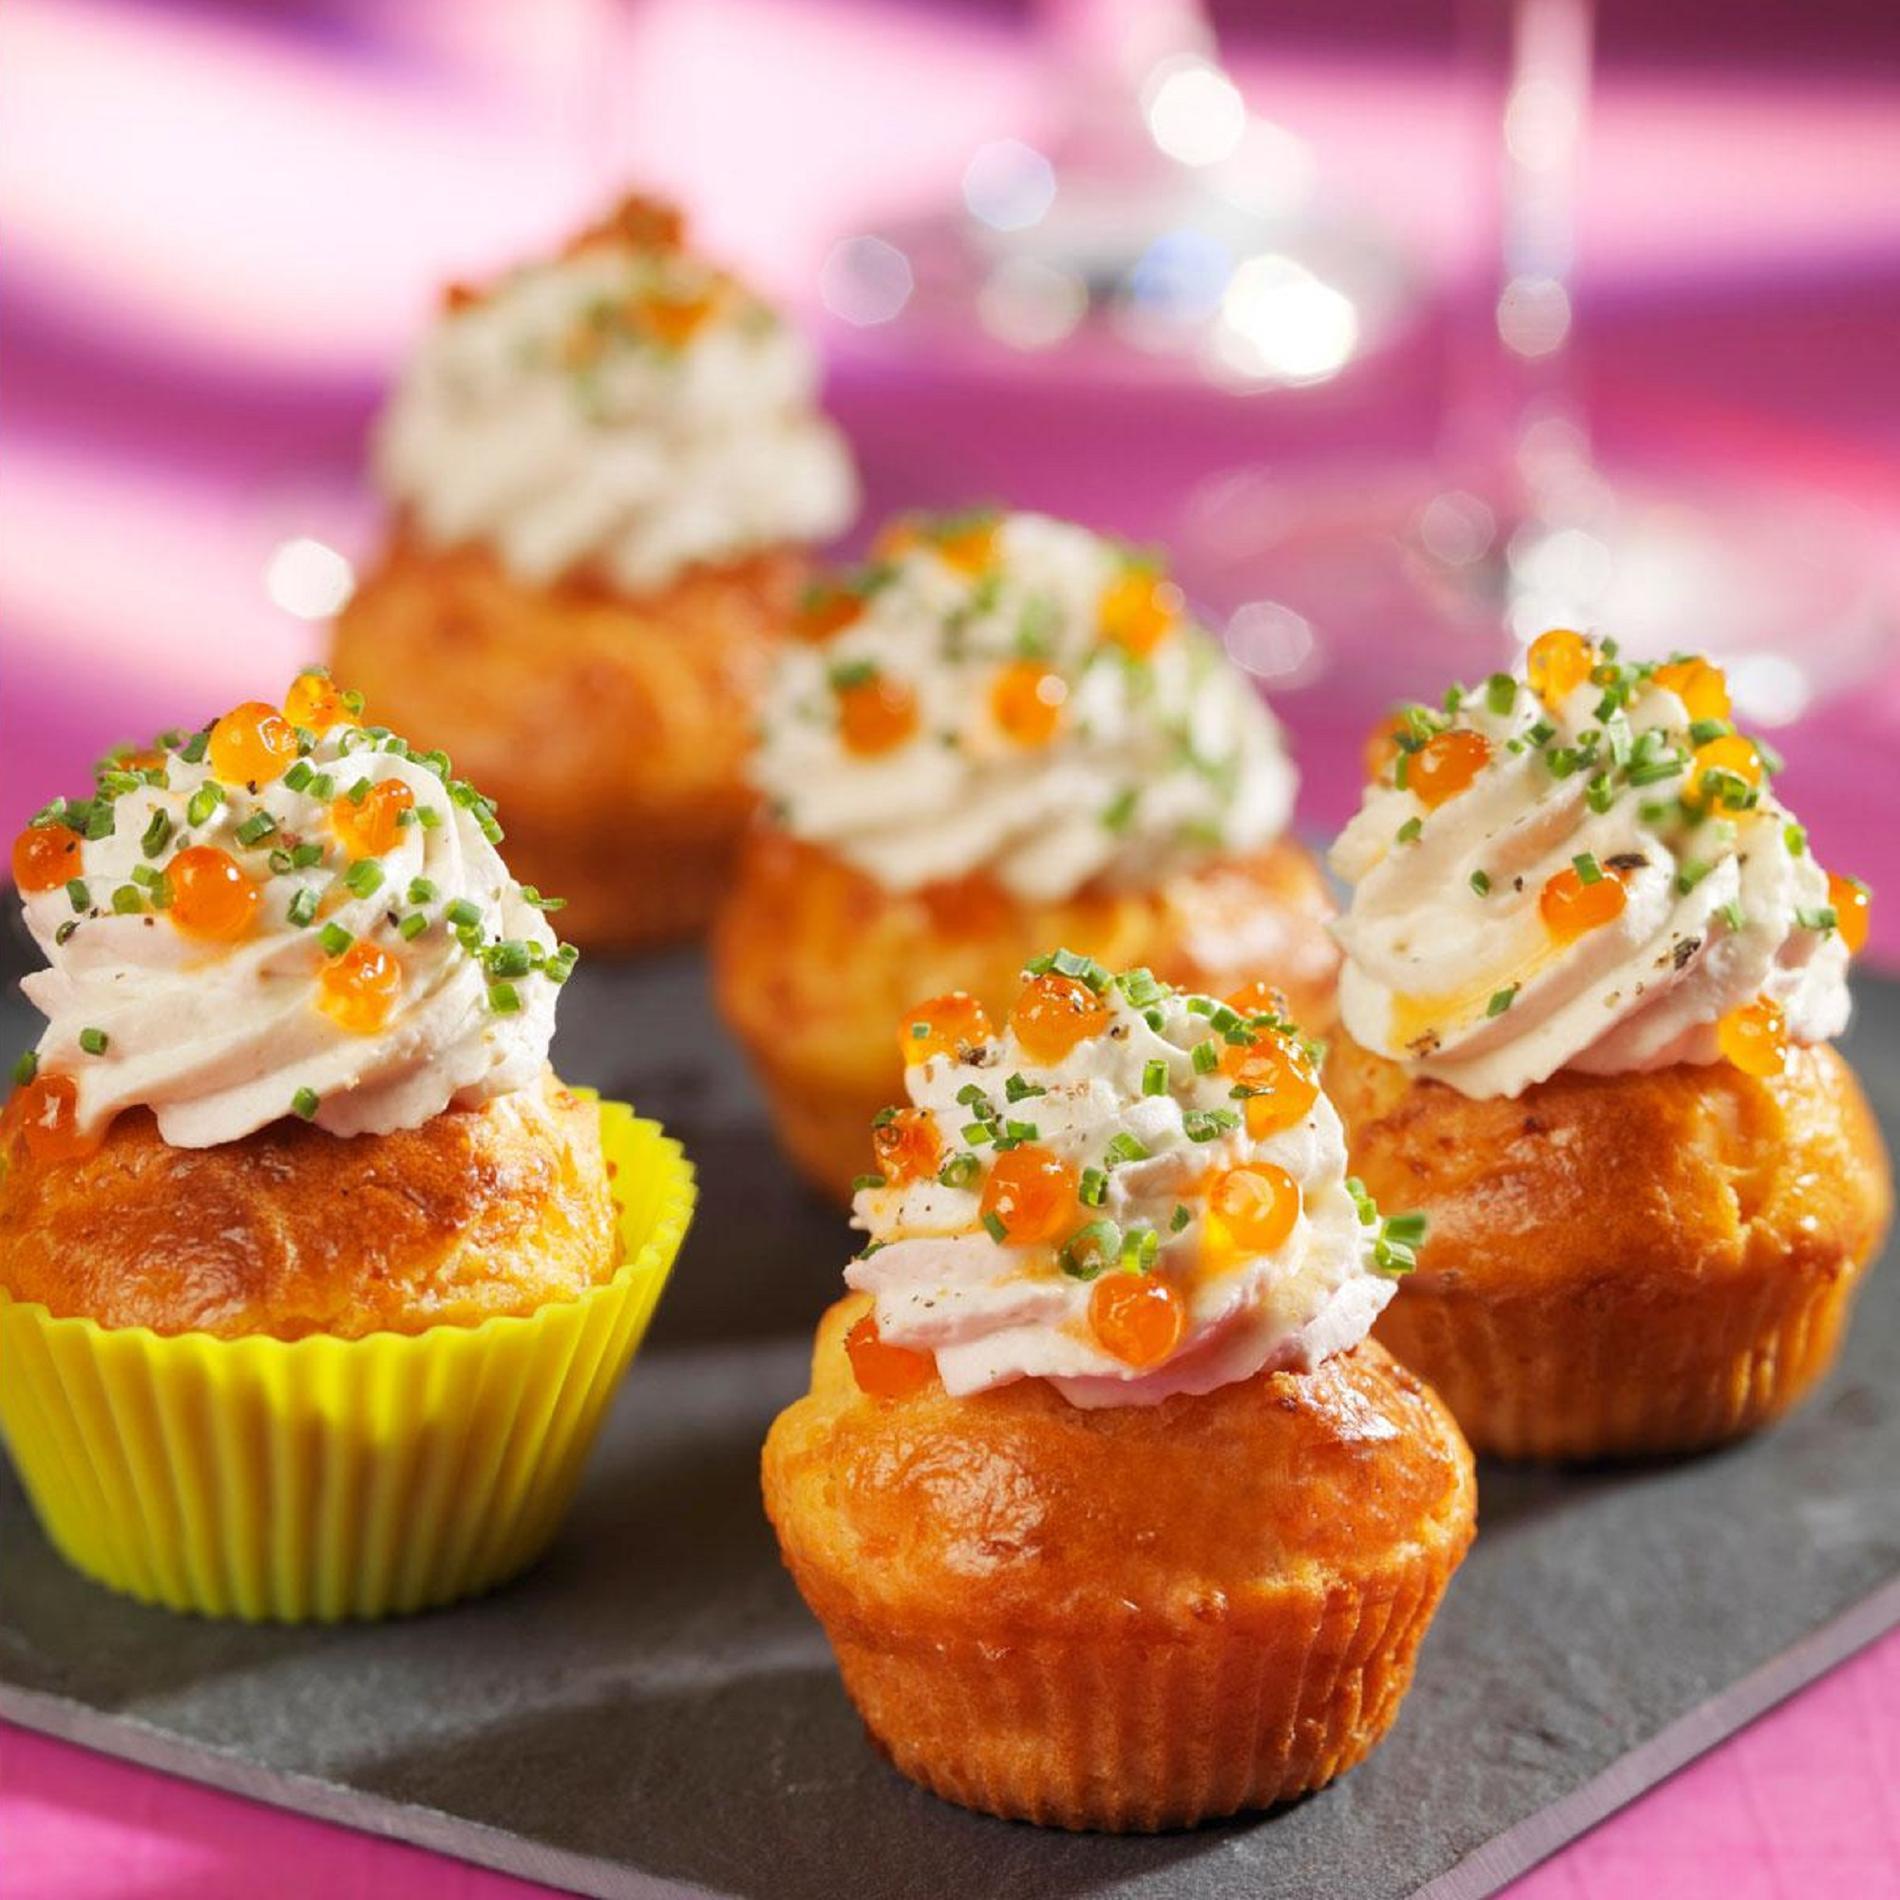 Recette cupcakes au saumon fum cuisine madame figaro - Recette de cupcake facile ...